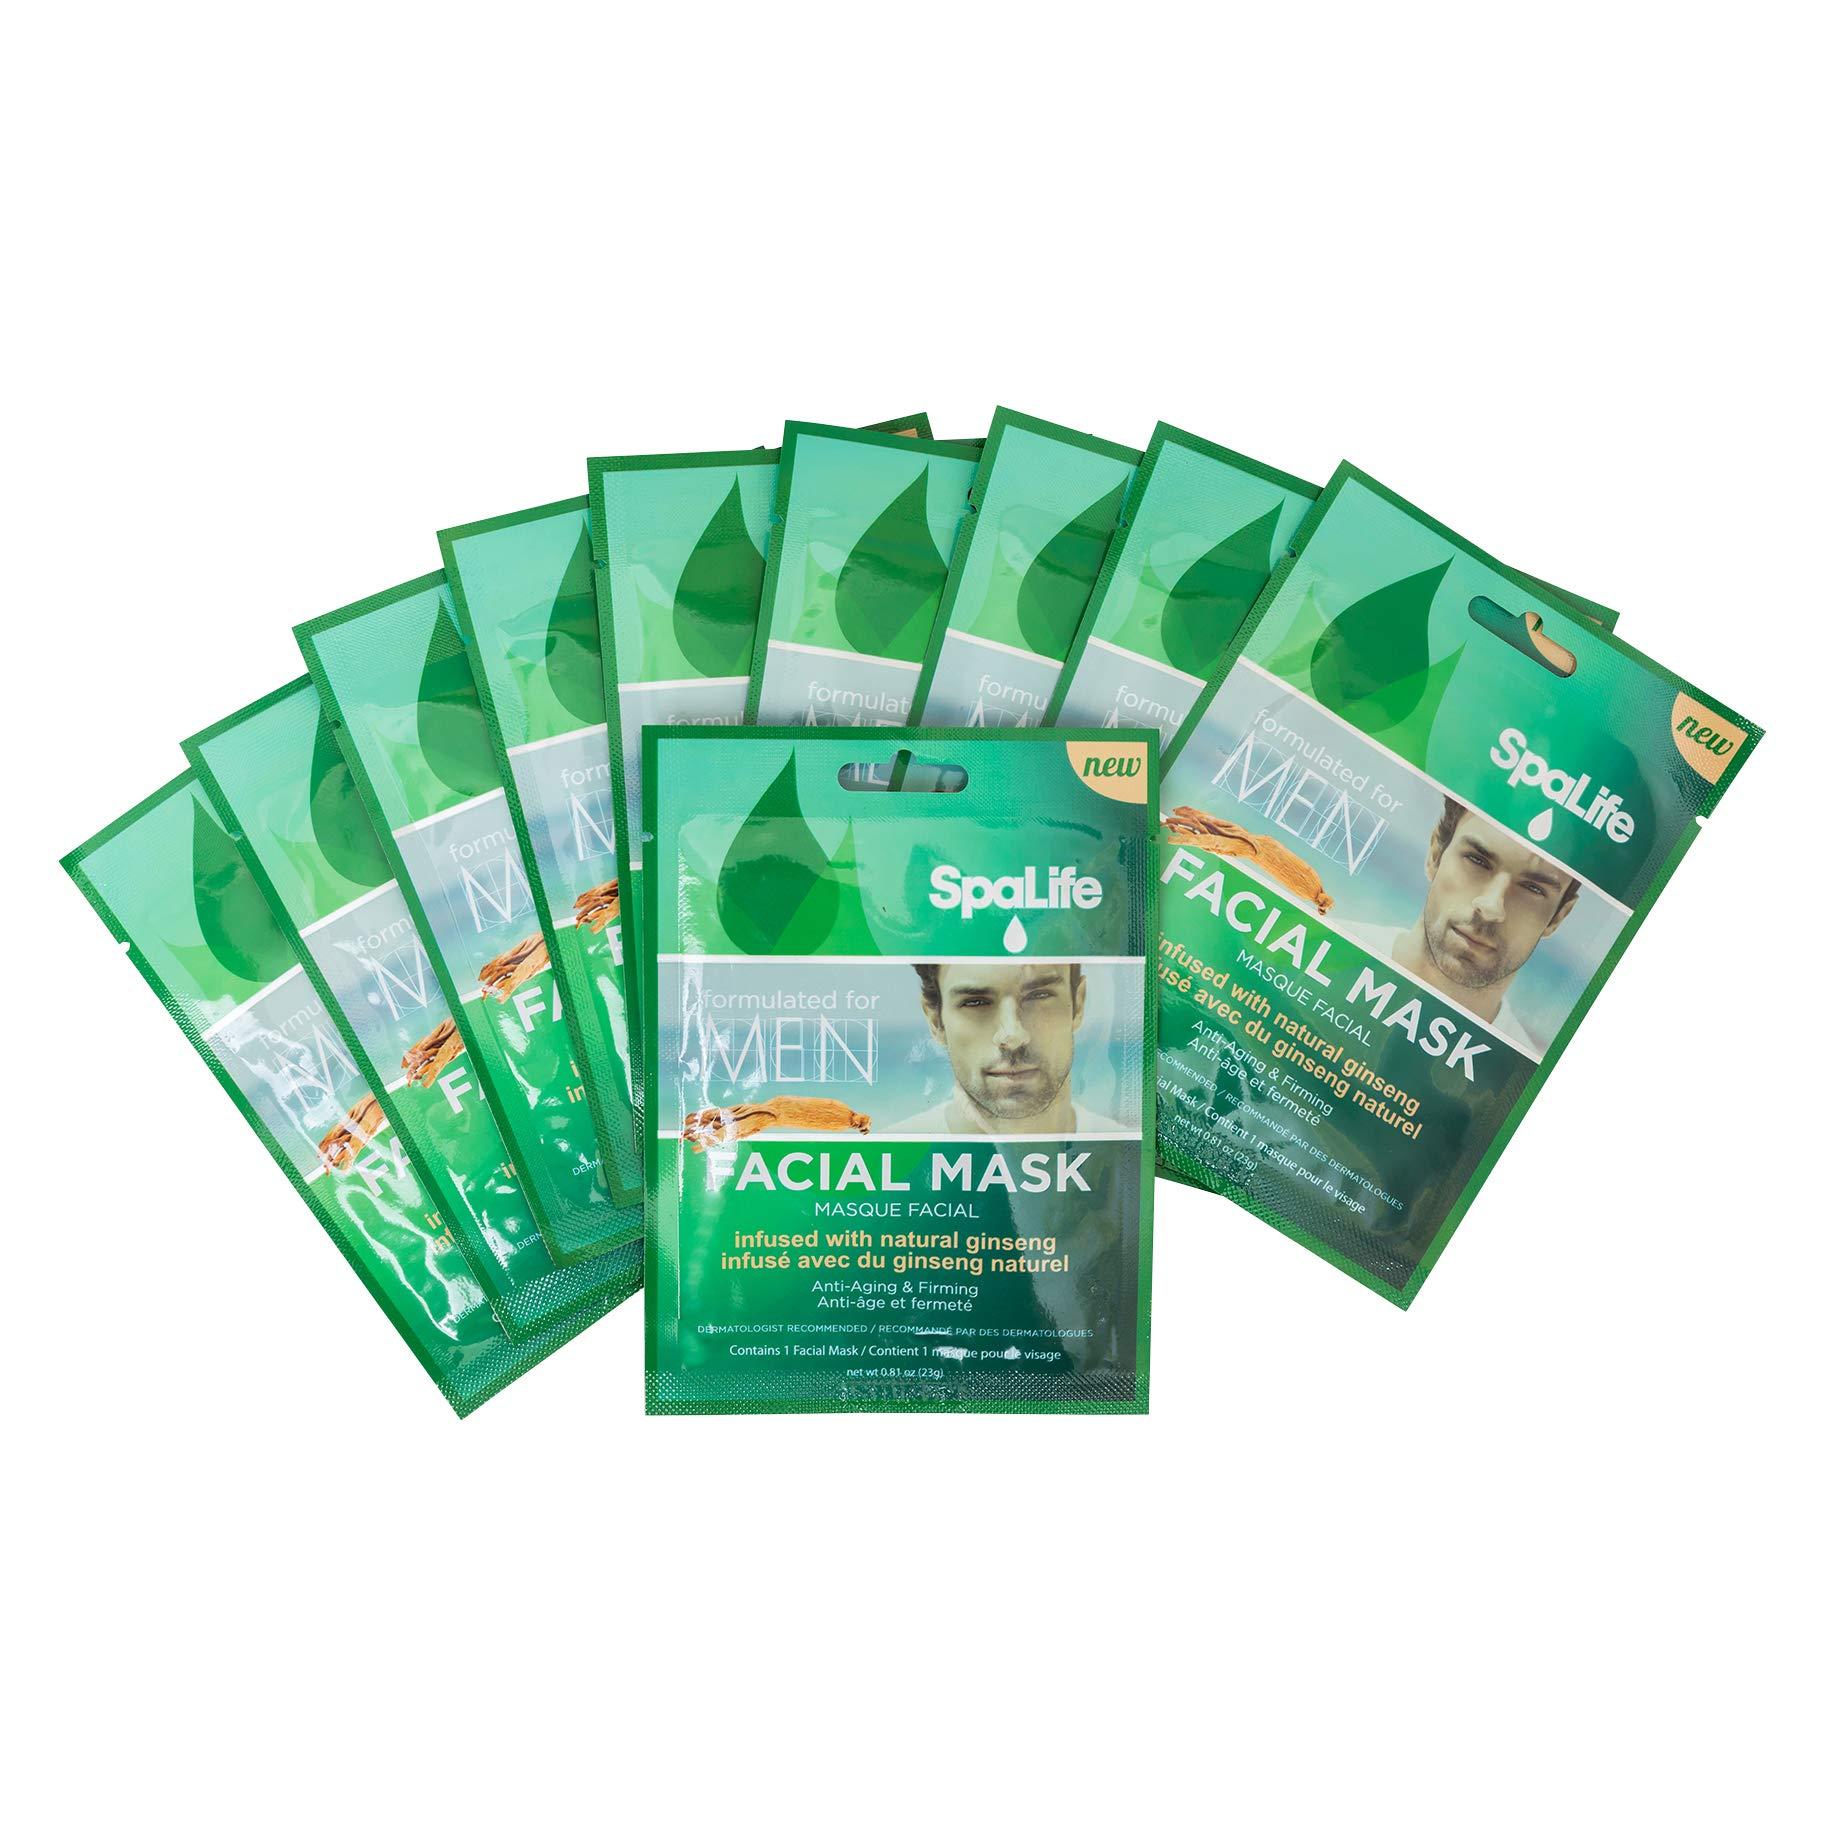 SpaLife Hydrating, Purifying, Anti-Aging, Detoxifying and Soothing Korean Facial Masks - 10 Masks - (Men's Natural Ginseng)